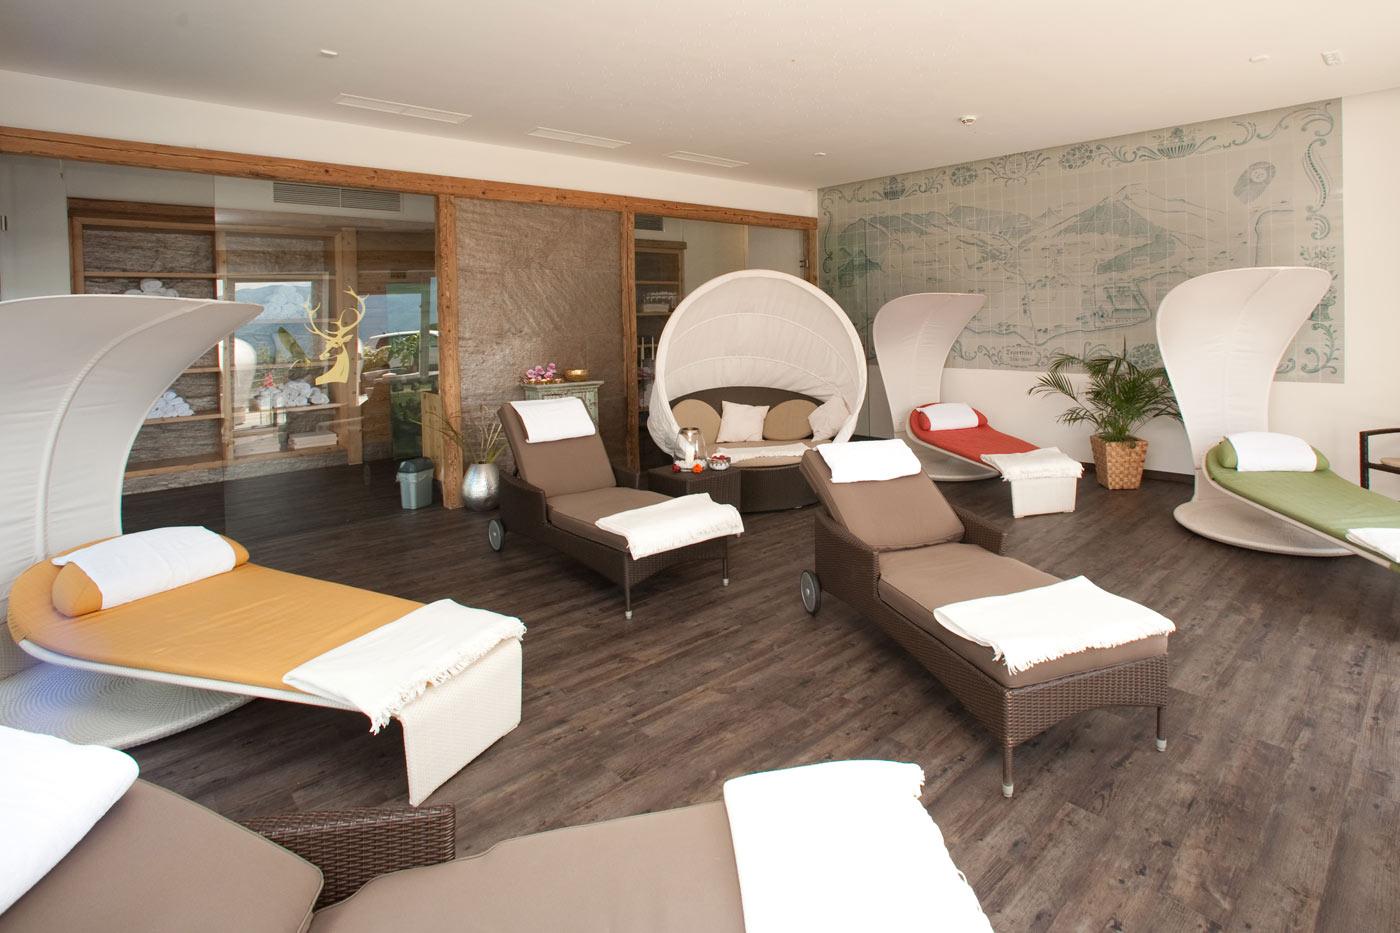 massage personal trainer. Black Bedroom Furniture Sets. Home Design Ideas